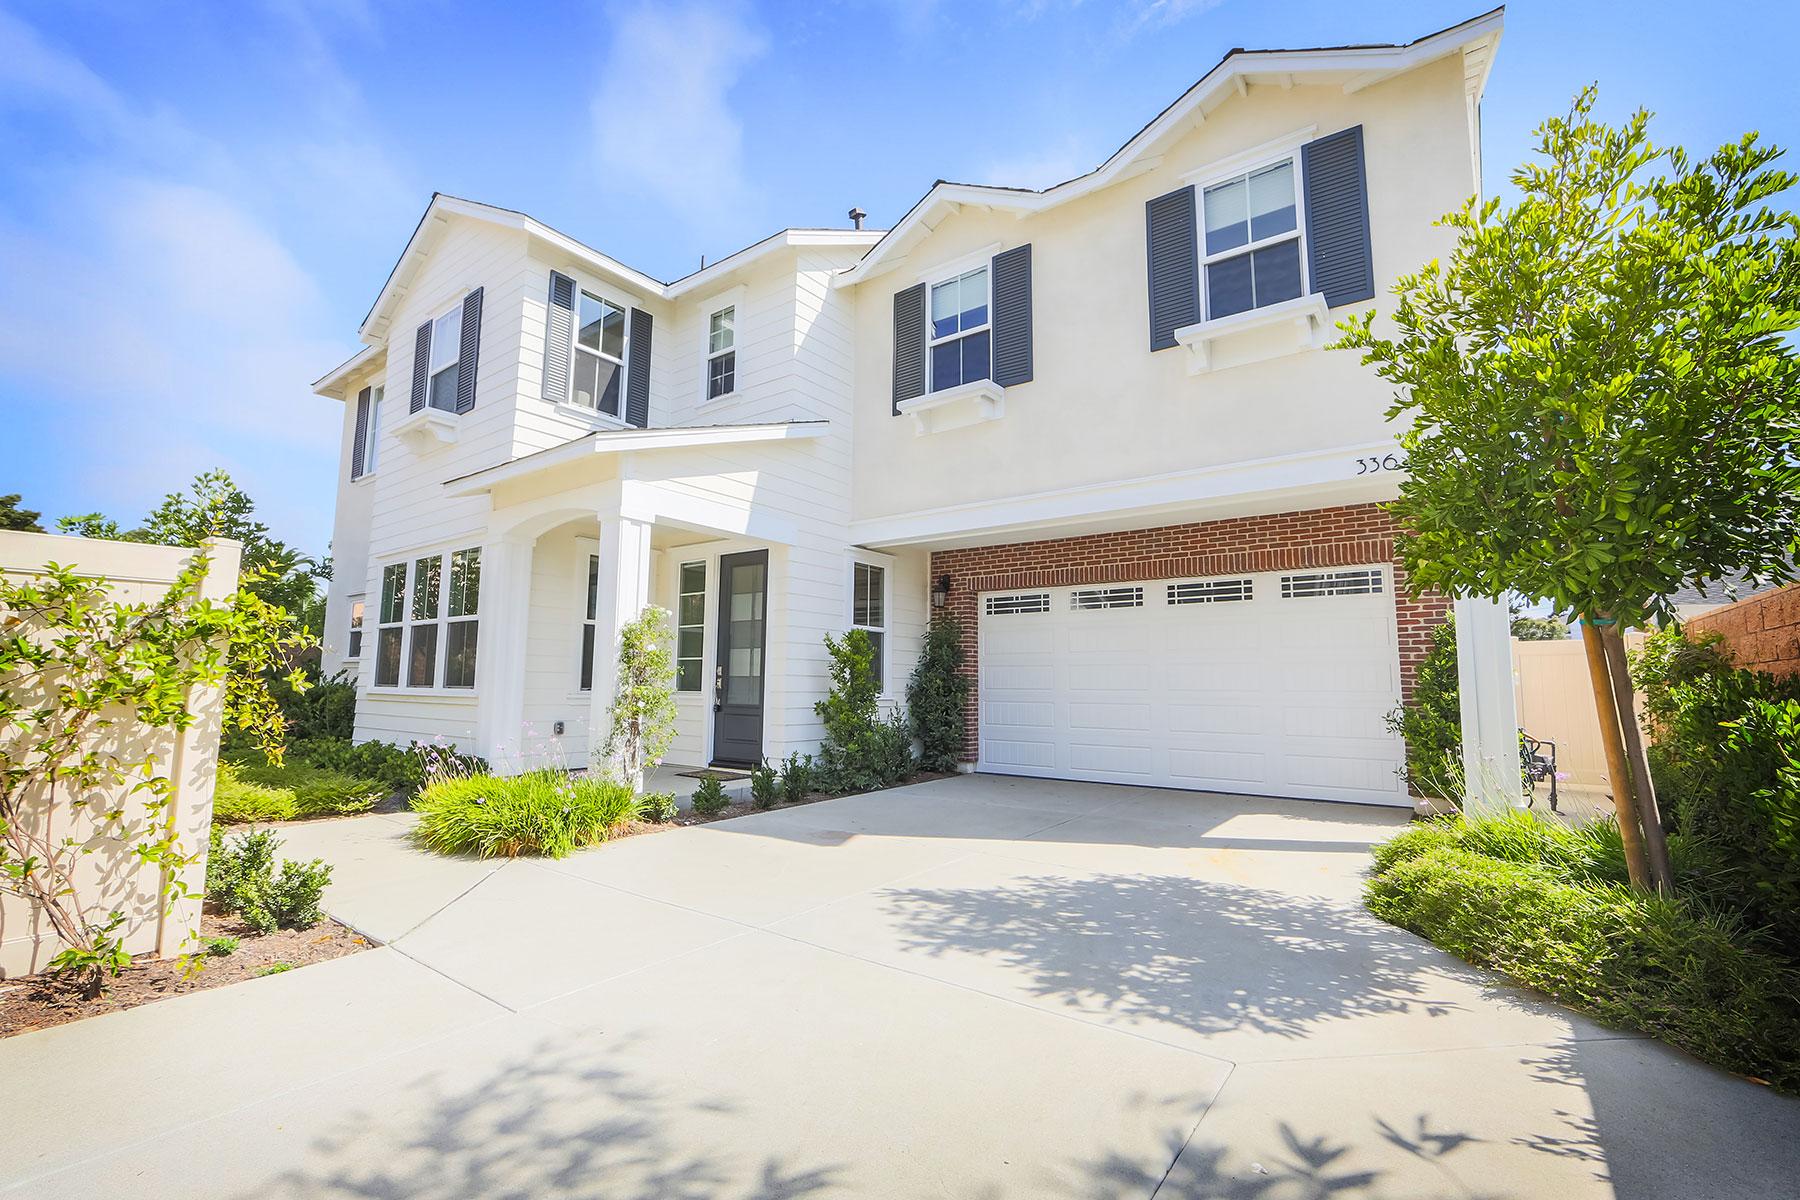 Частный односемейный дом для того Продажа на 336 E 16th Street Costa Mesa, Калифорния 92627 Соединенные Штаты